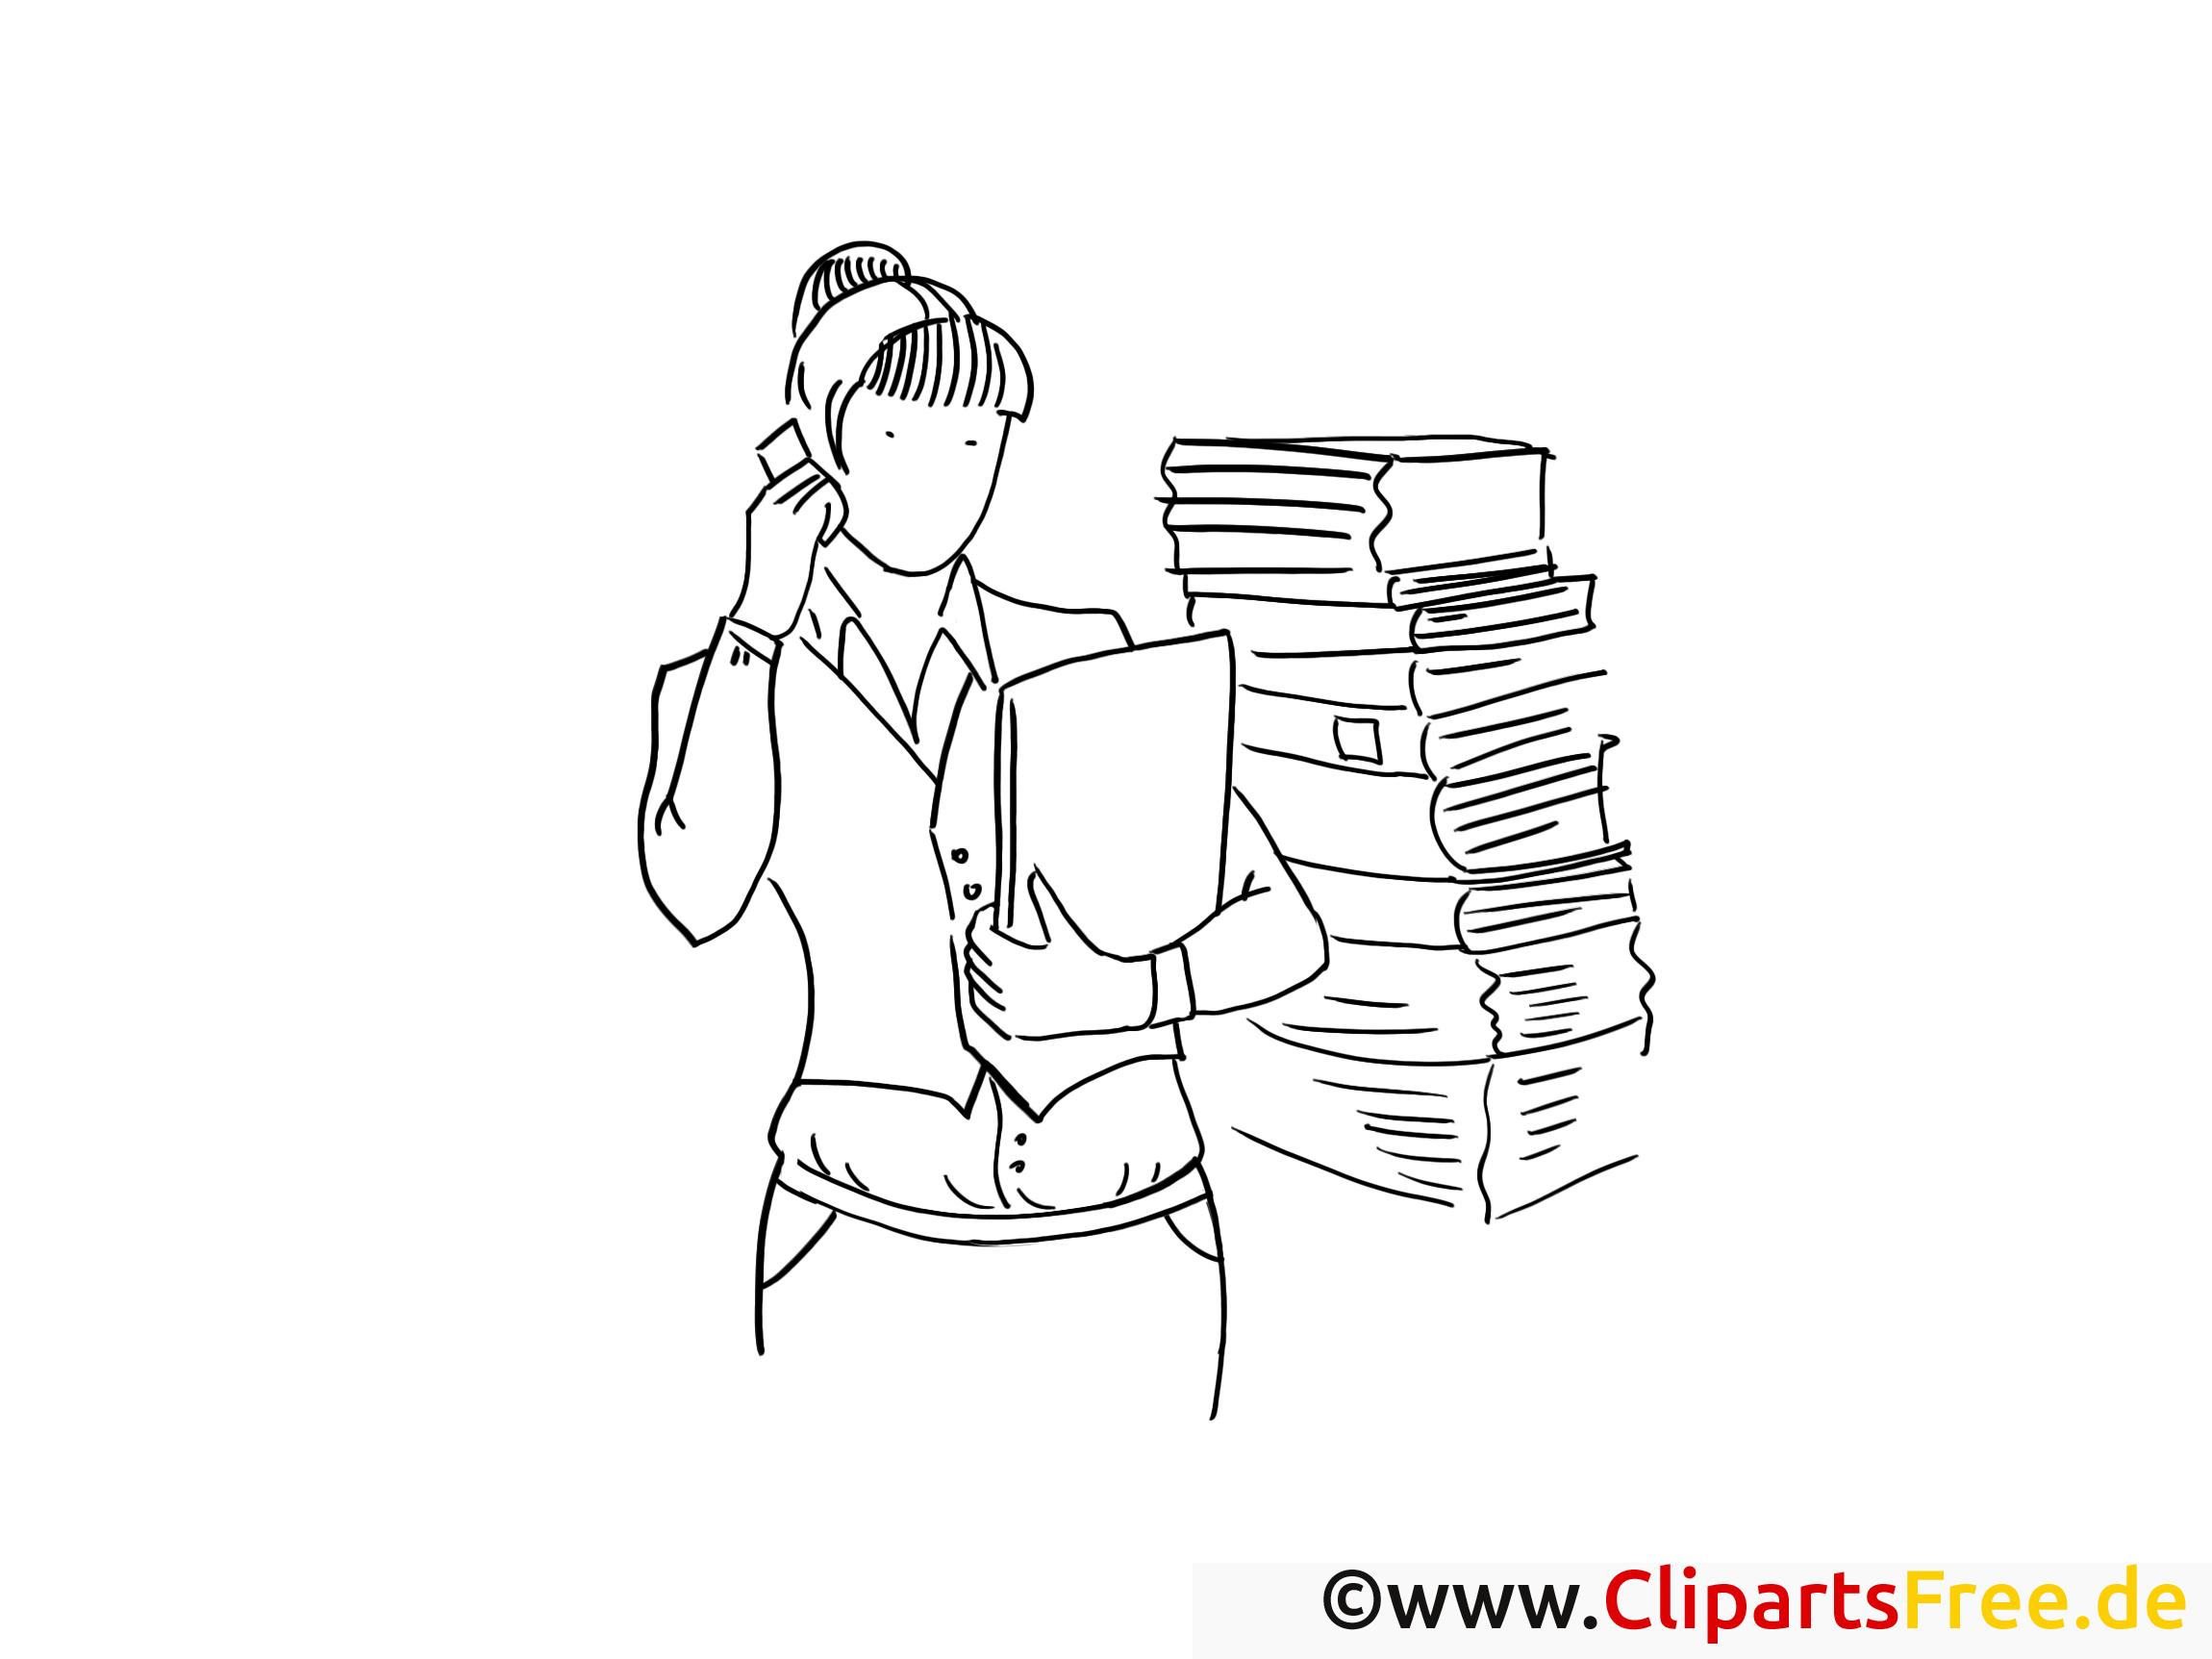 Livres clipart – Travail dessins à colorier